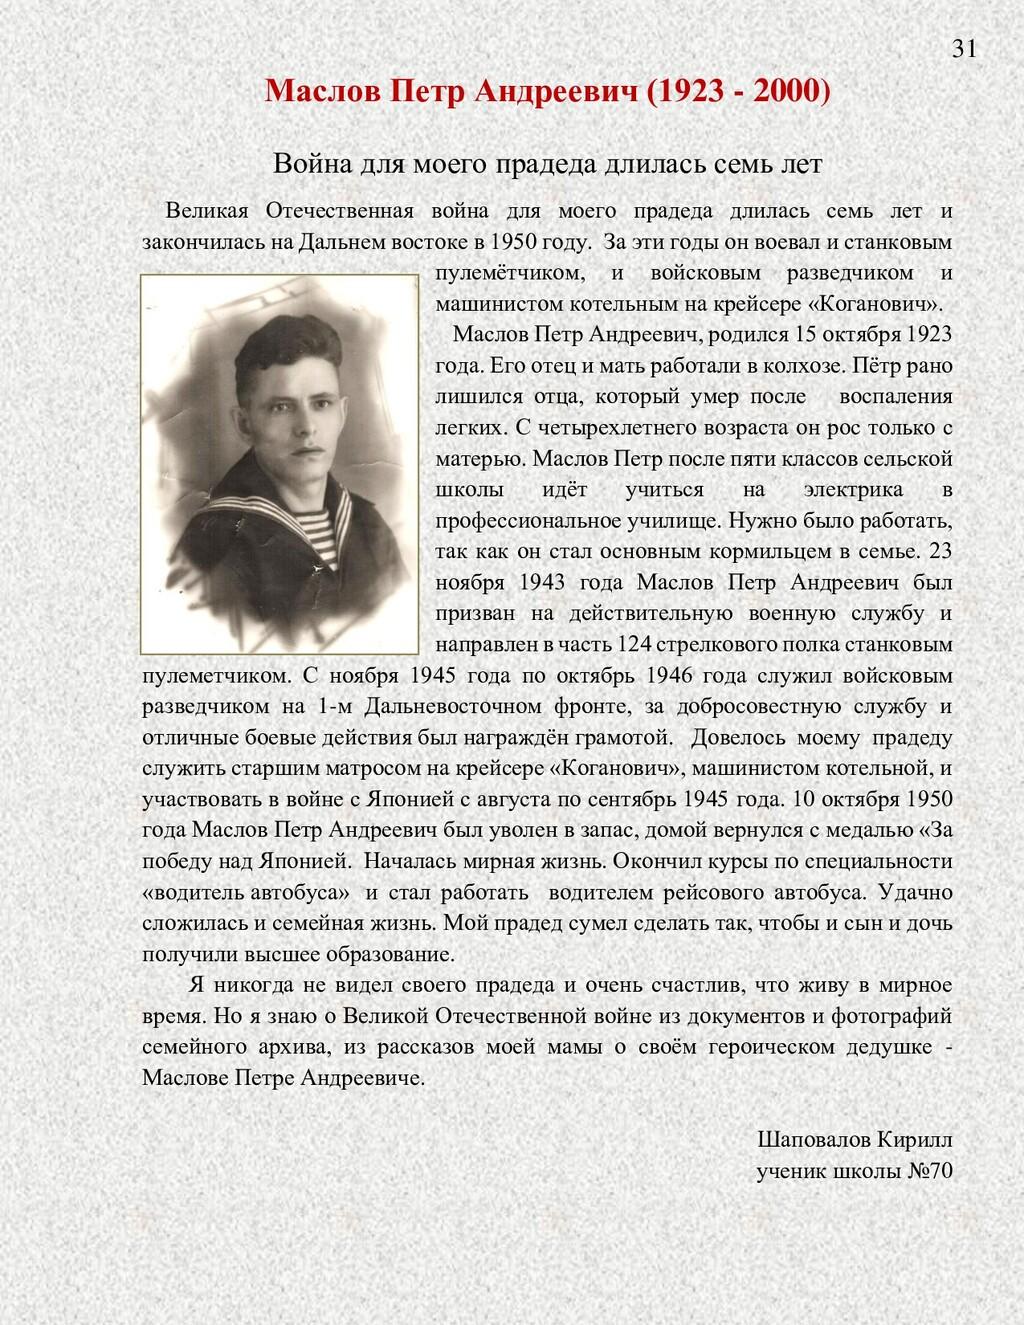 Маслов Петр Андреевич (1923 - 2000) Война для м...